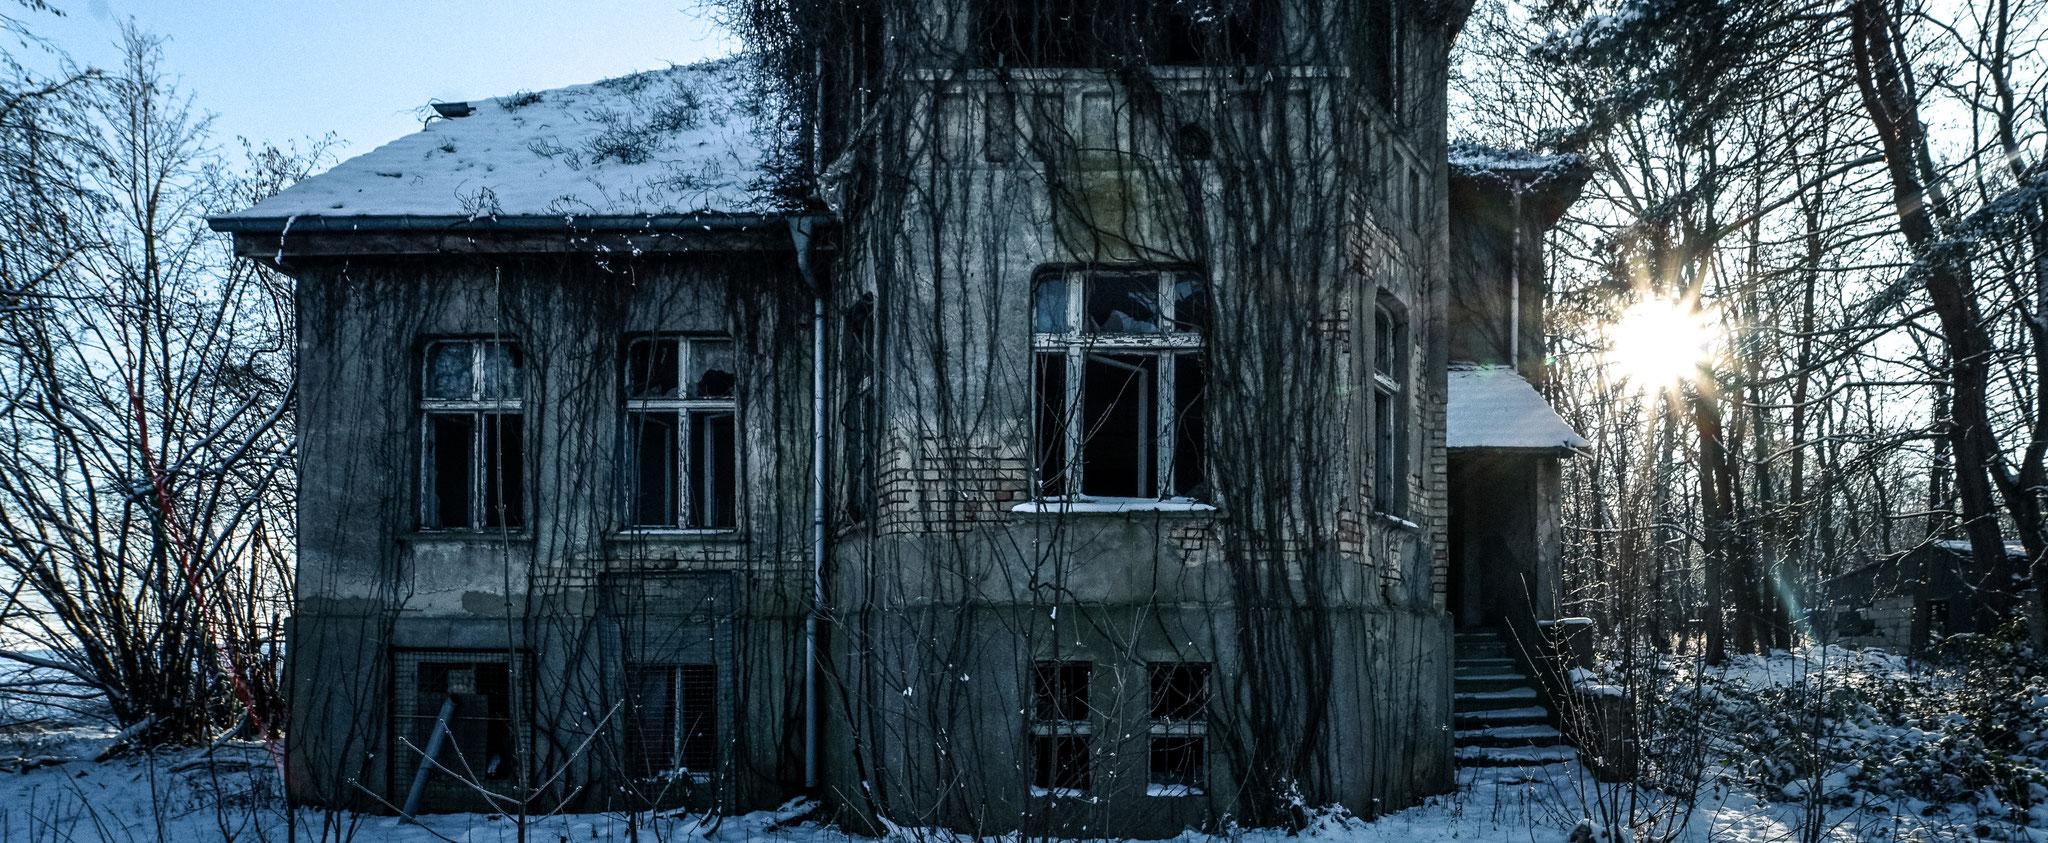 Das alte Haus am Wegesrand